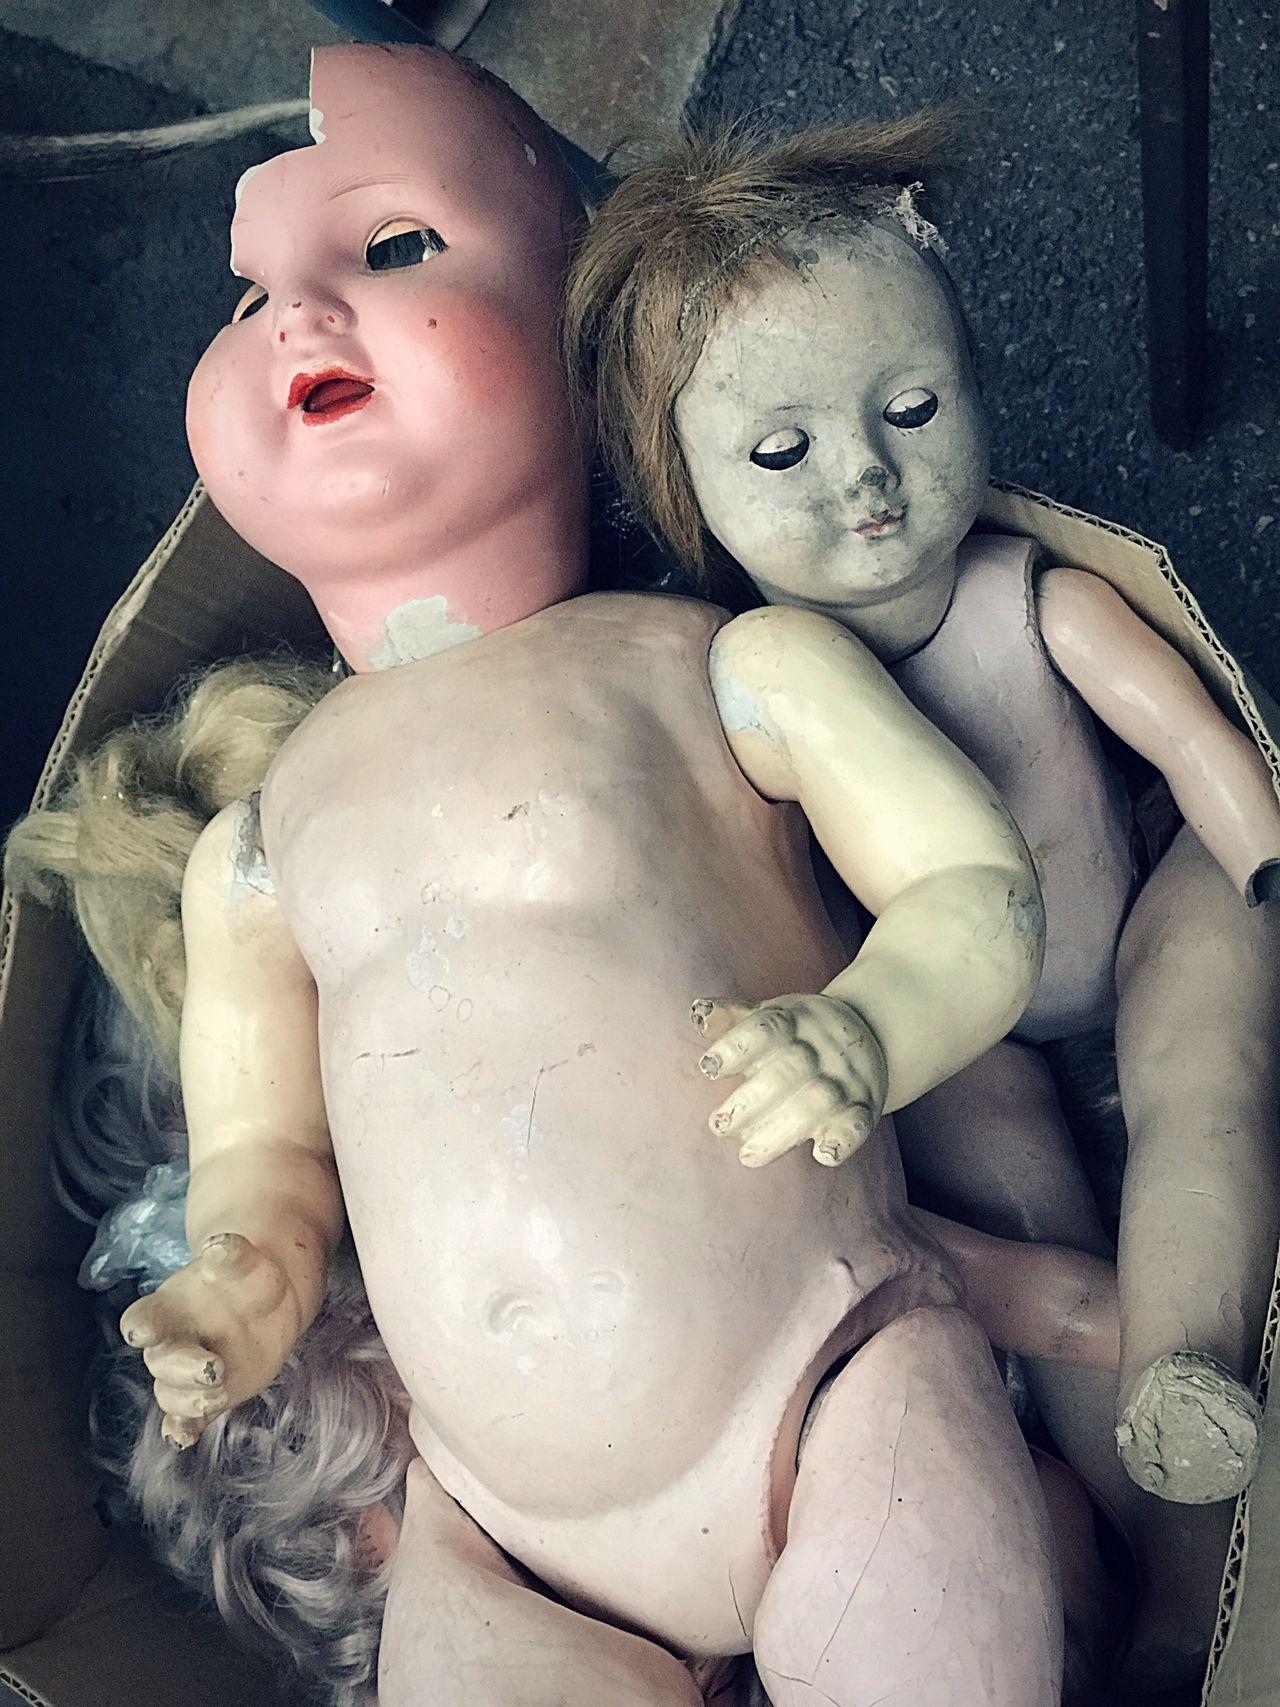 Dolls Flee Market Vintage Toys Old Dolls Old Scary Broken Toys Puces Du Canal Lyon